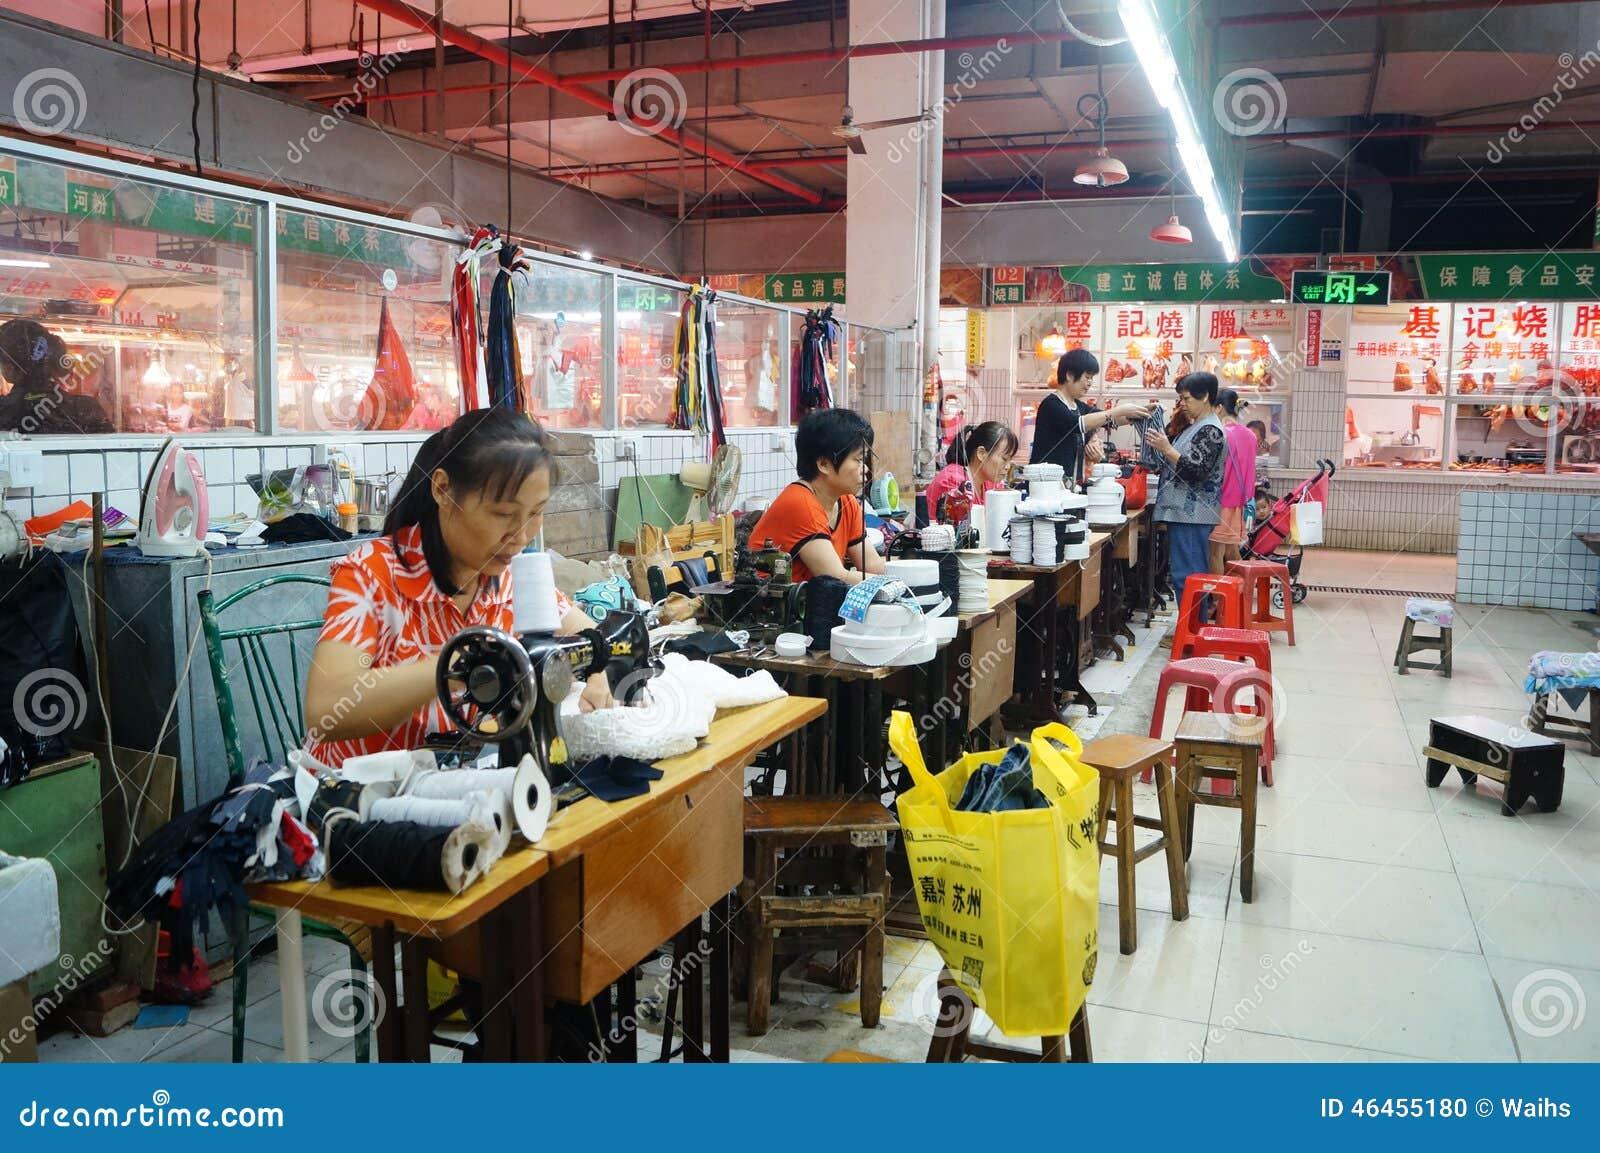 shenzhen chine vieux v tements de r paration de machine coudre image ditorial image. Black Bedroom Furniture Sets. Home Design Ideas